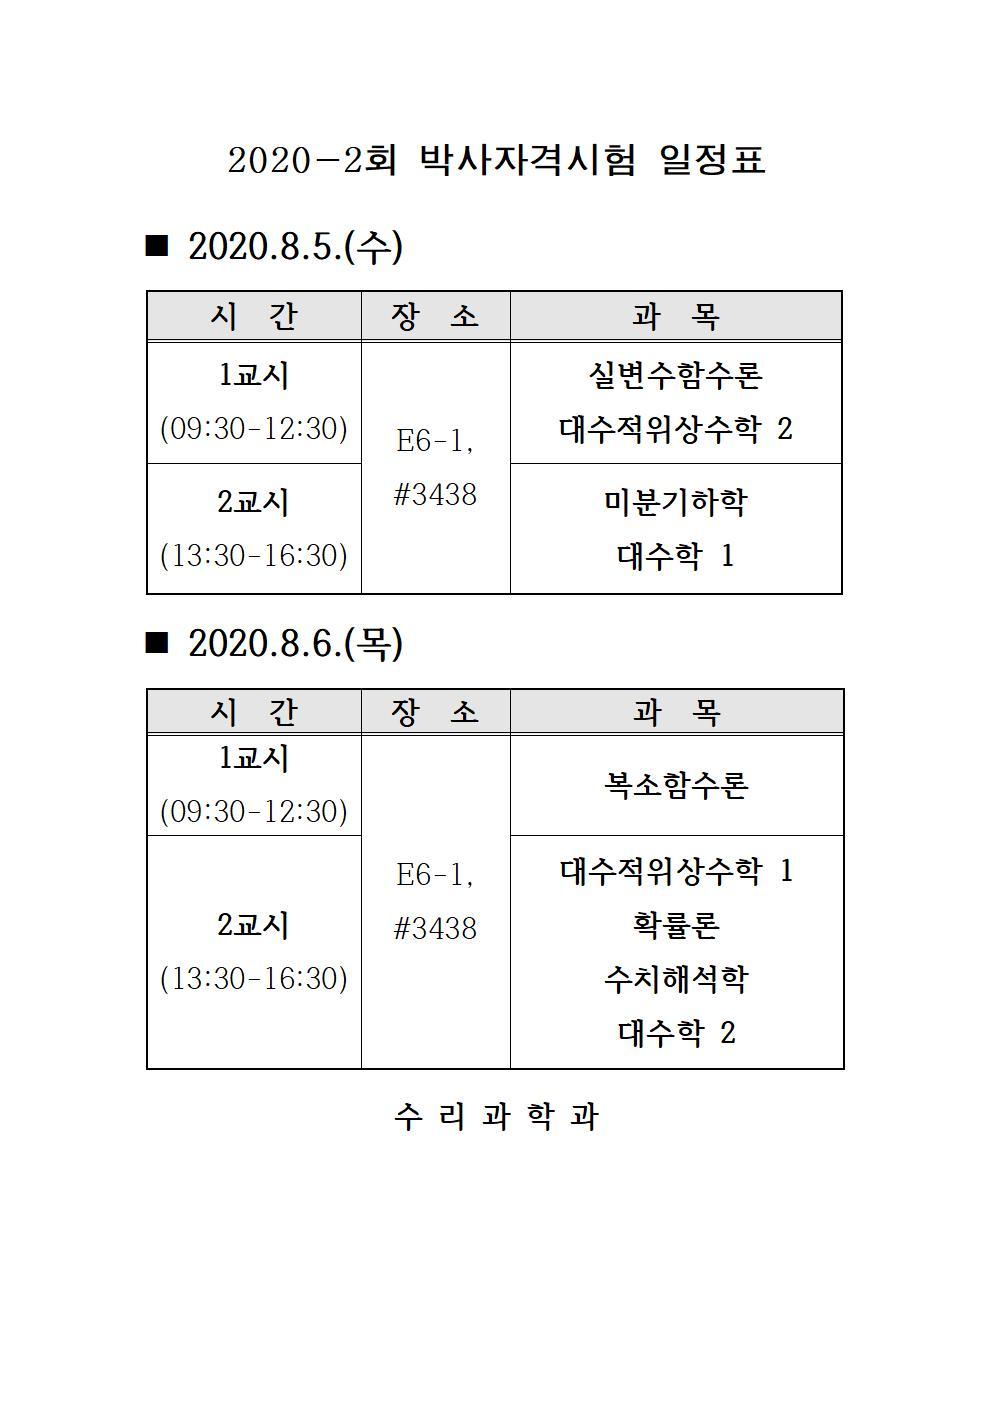 2020-2회 박사자격시험일정표_게시문001.jpg